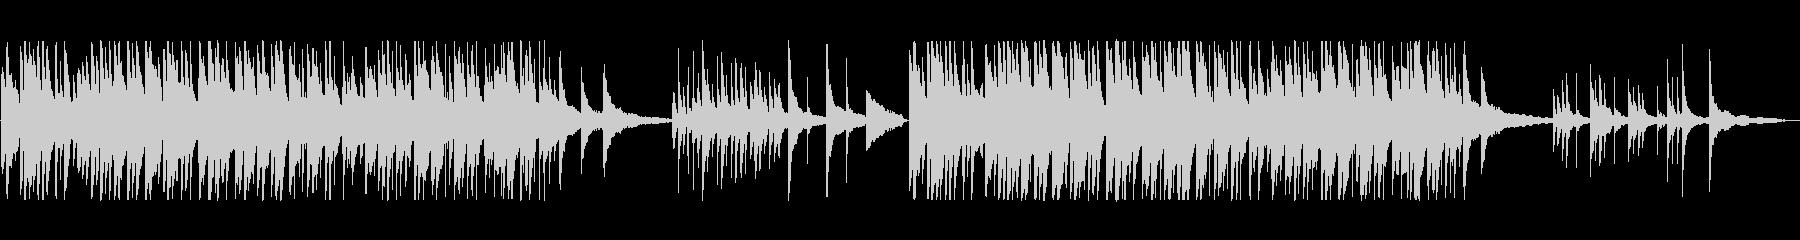 しっとりしたピアノバラードの未再生の波形